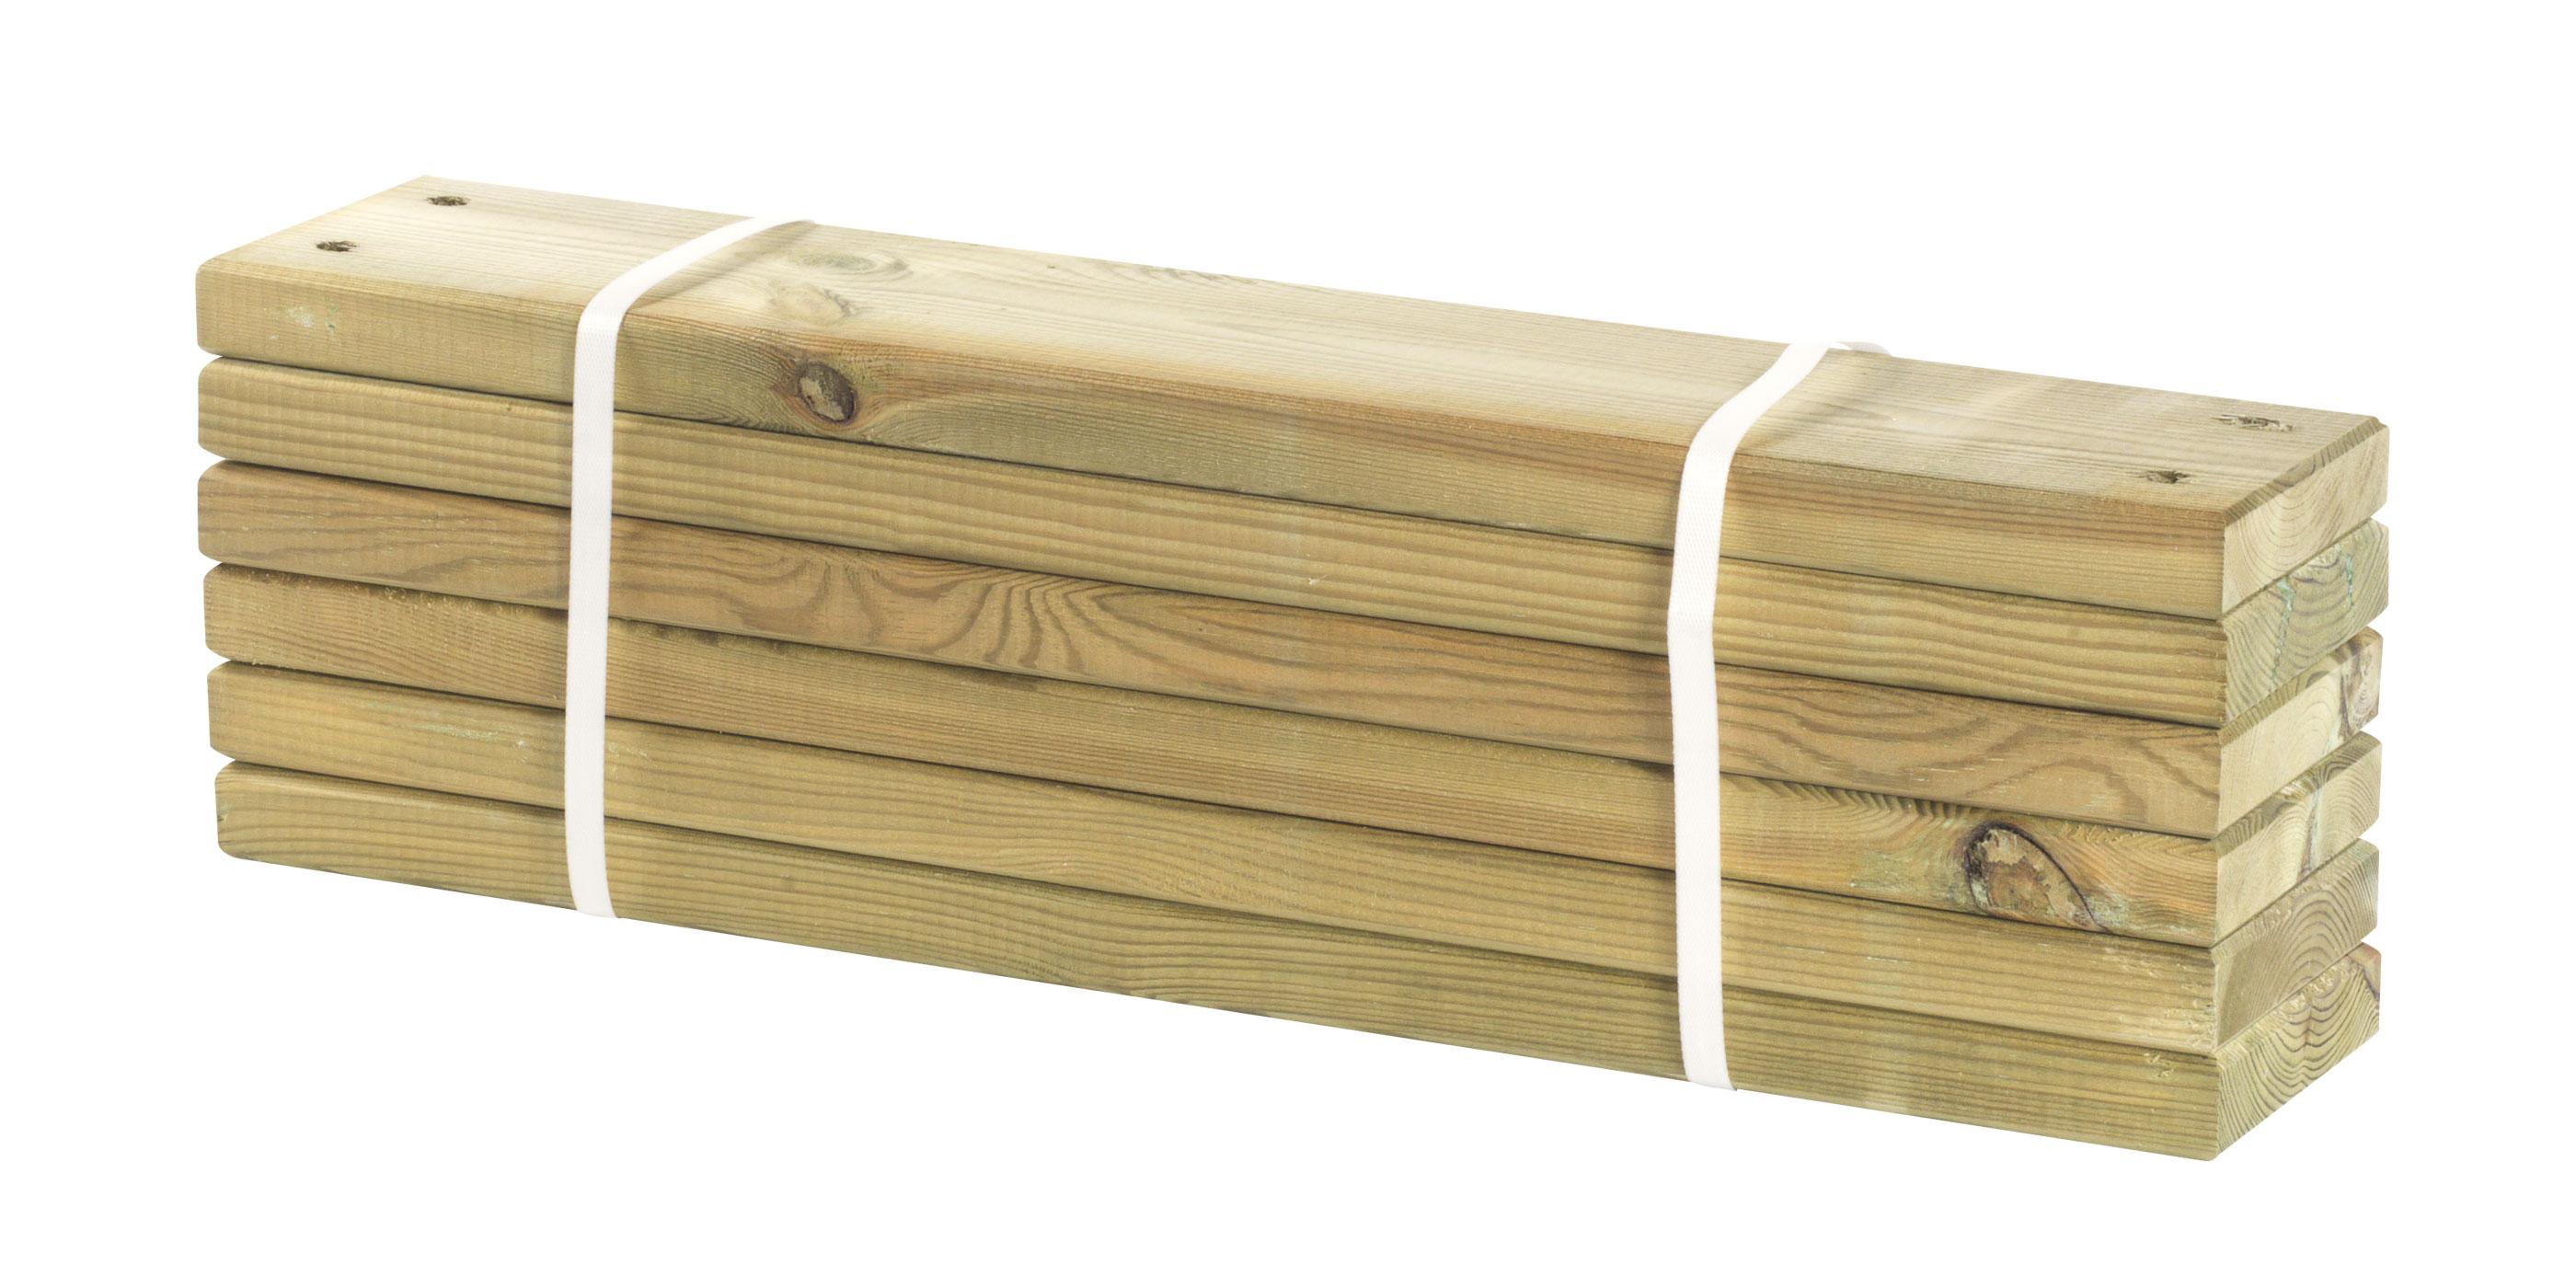 holz planken für pipe modulsystem plus 6 stück kdi länge 60cm - bei